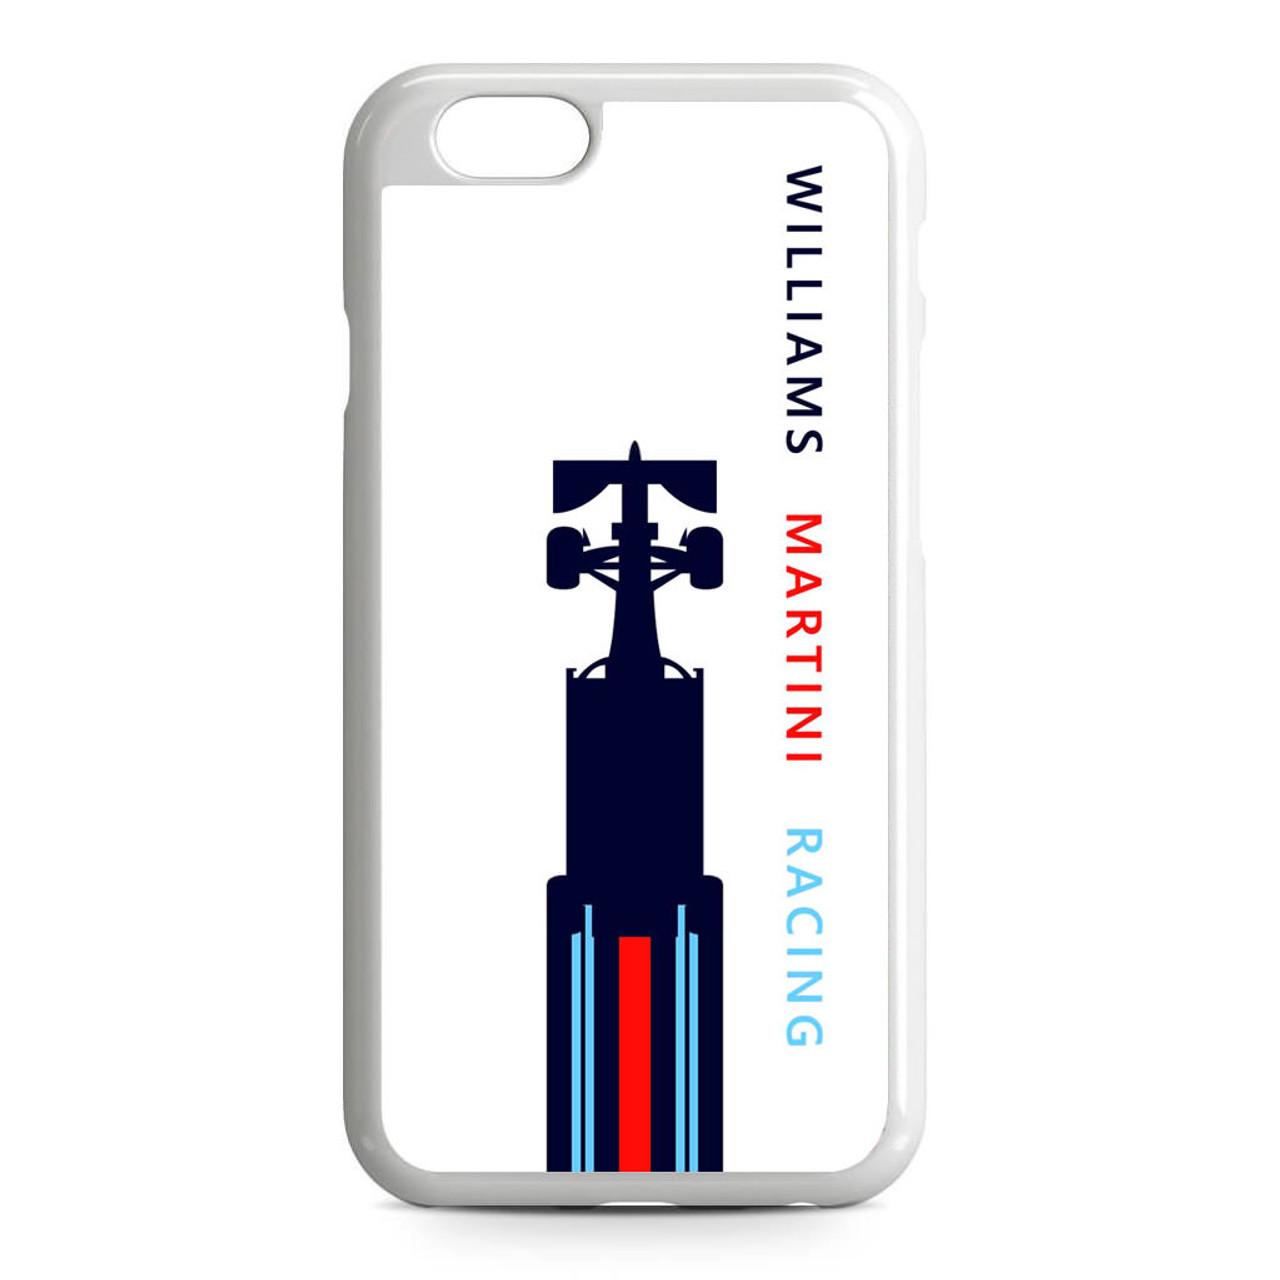 Williams Martini Racing iphone case